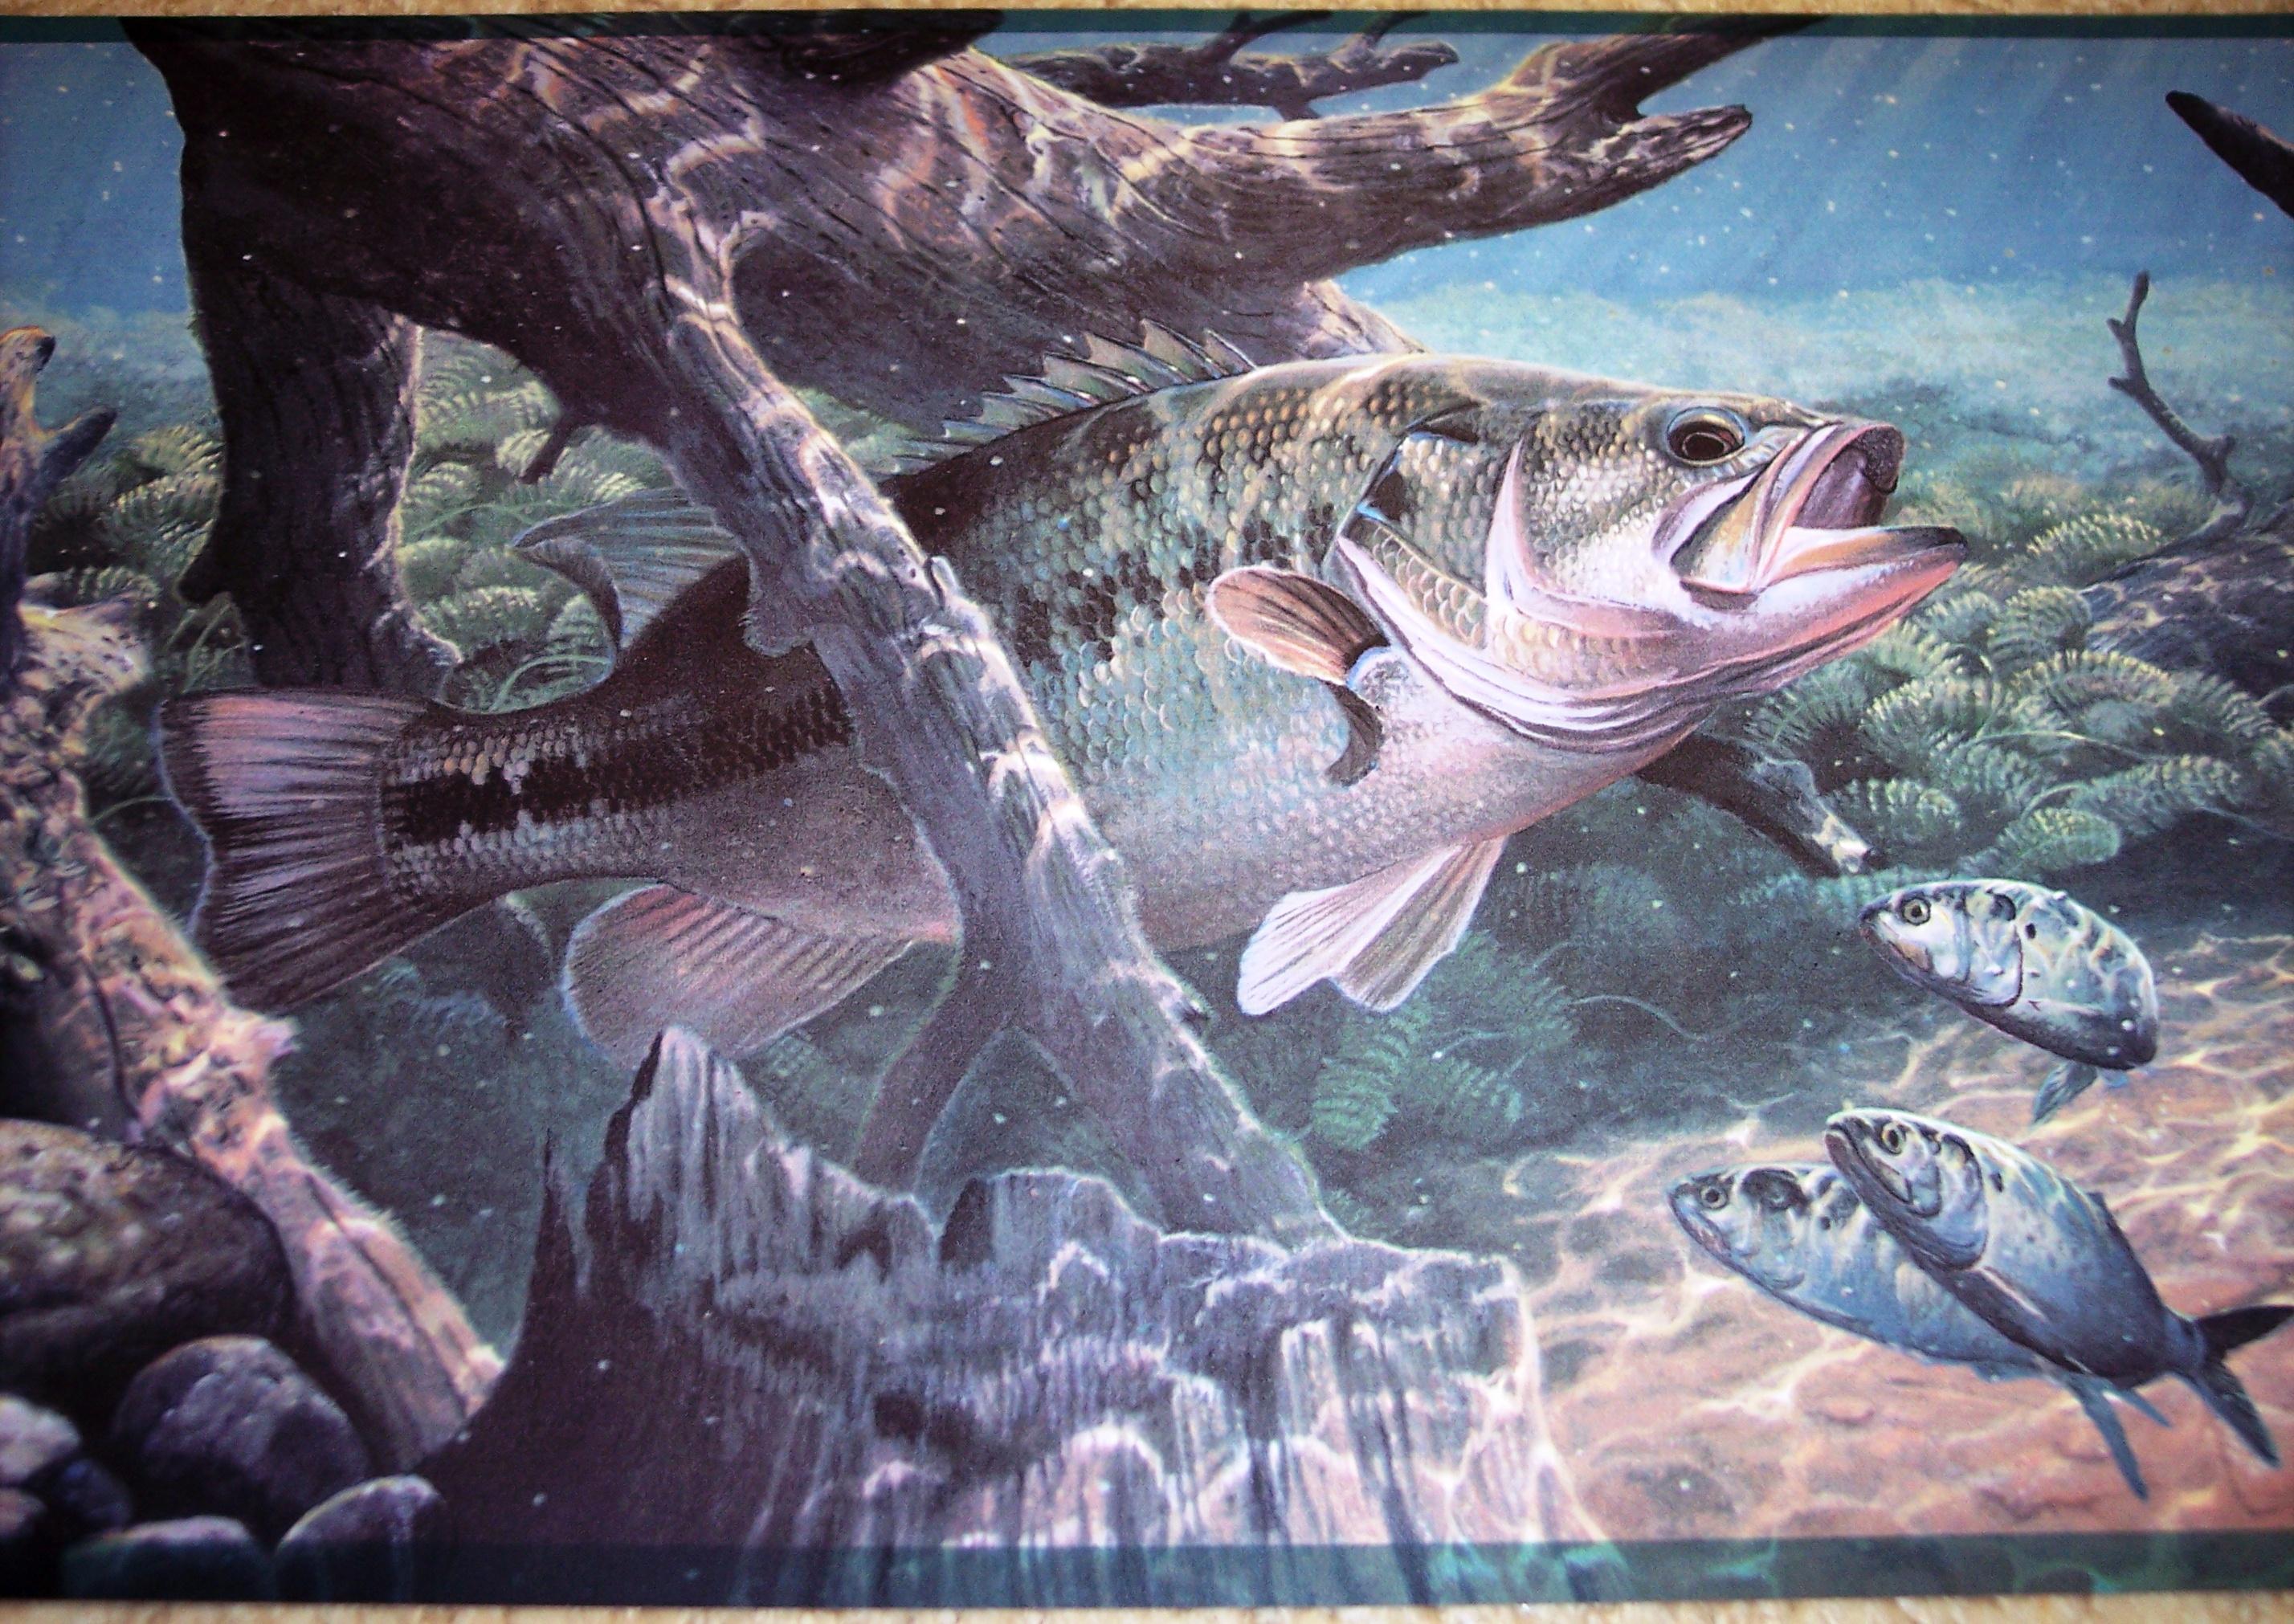 Bass Fishing Wallpaper Wallpaper border big bass 2856x2022